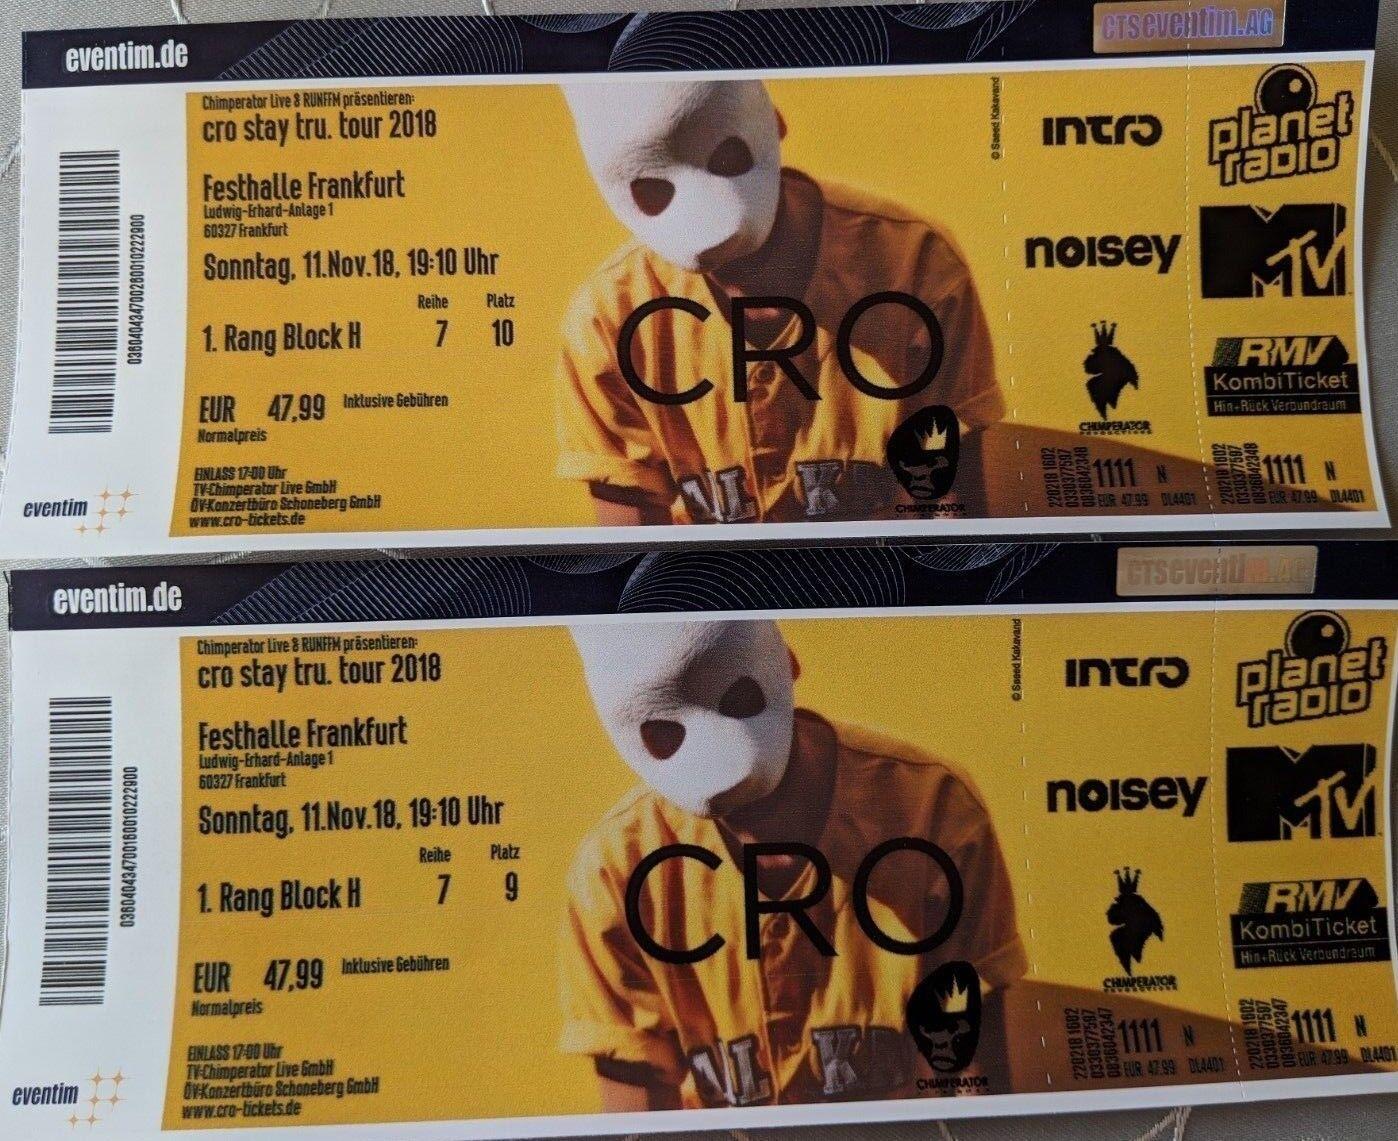 2 Konzert Tickets für Cro am 11.11.2018 in Frankfurt, Sitzplätze, FFM